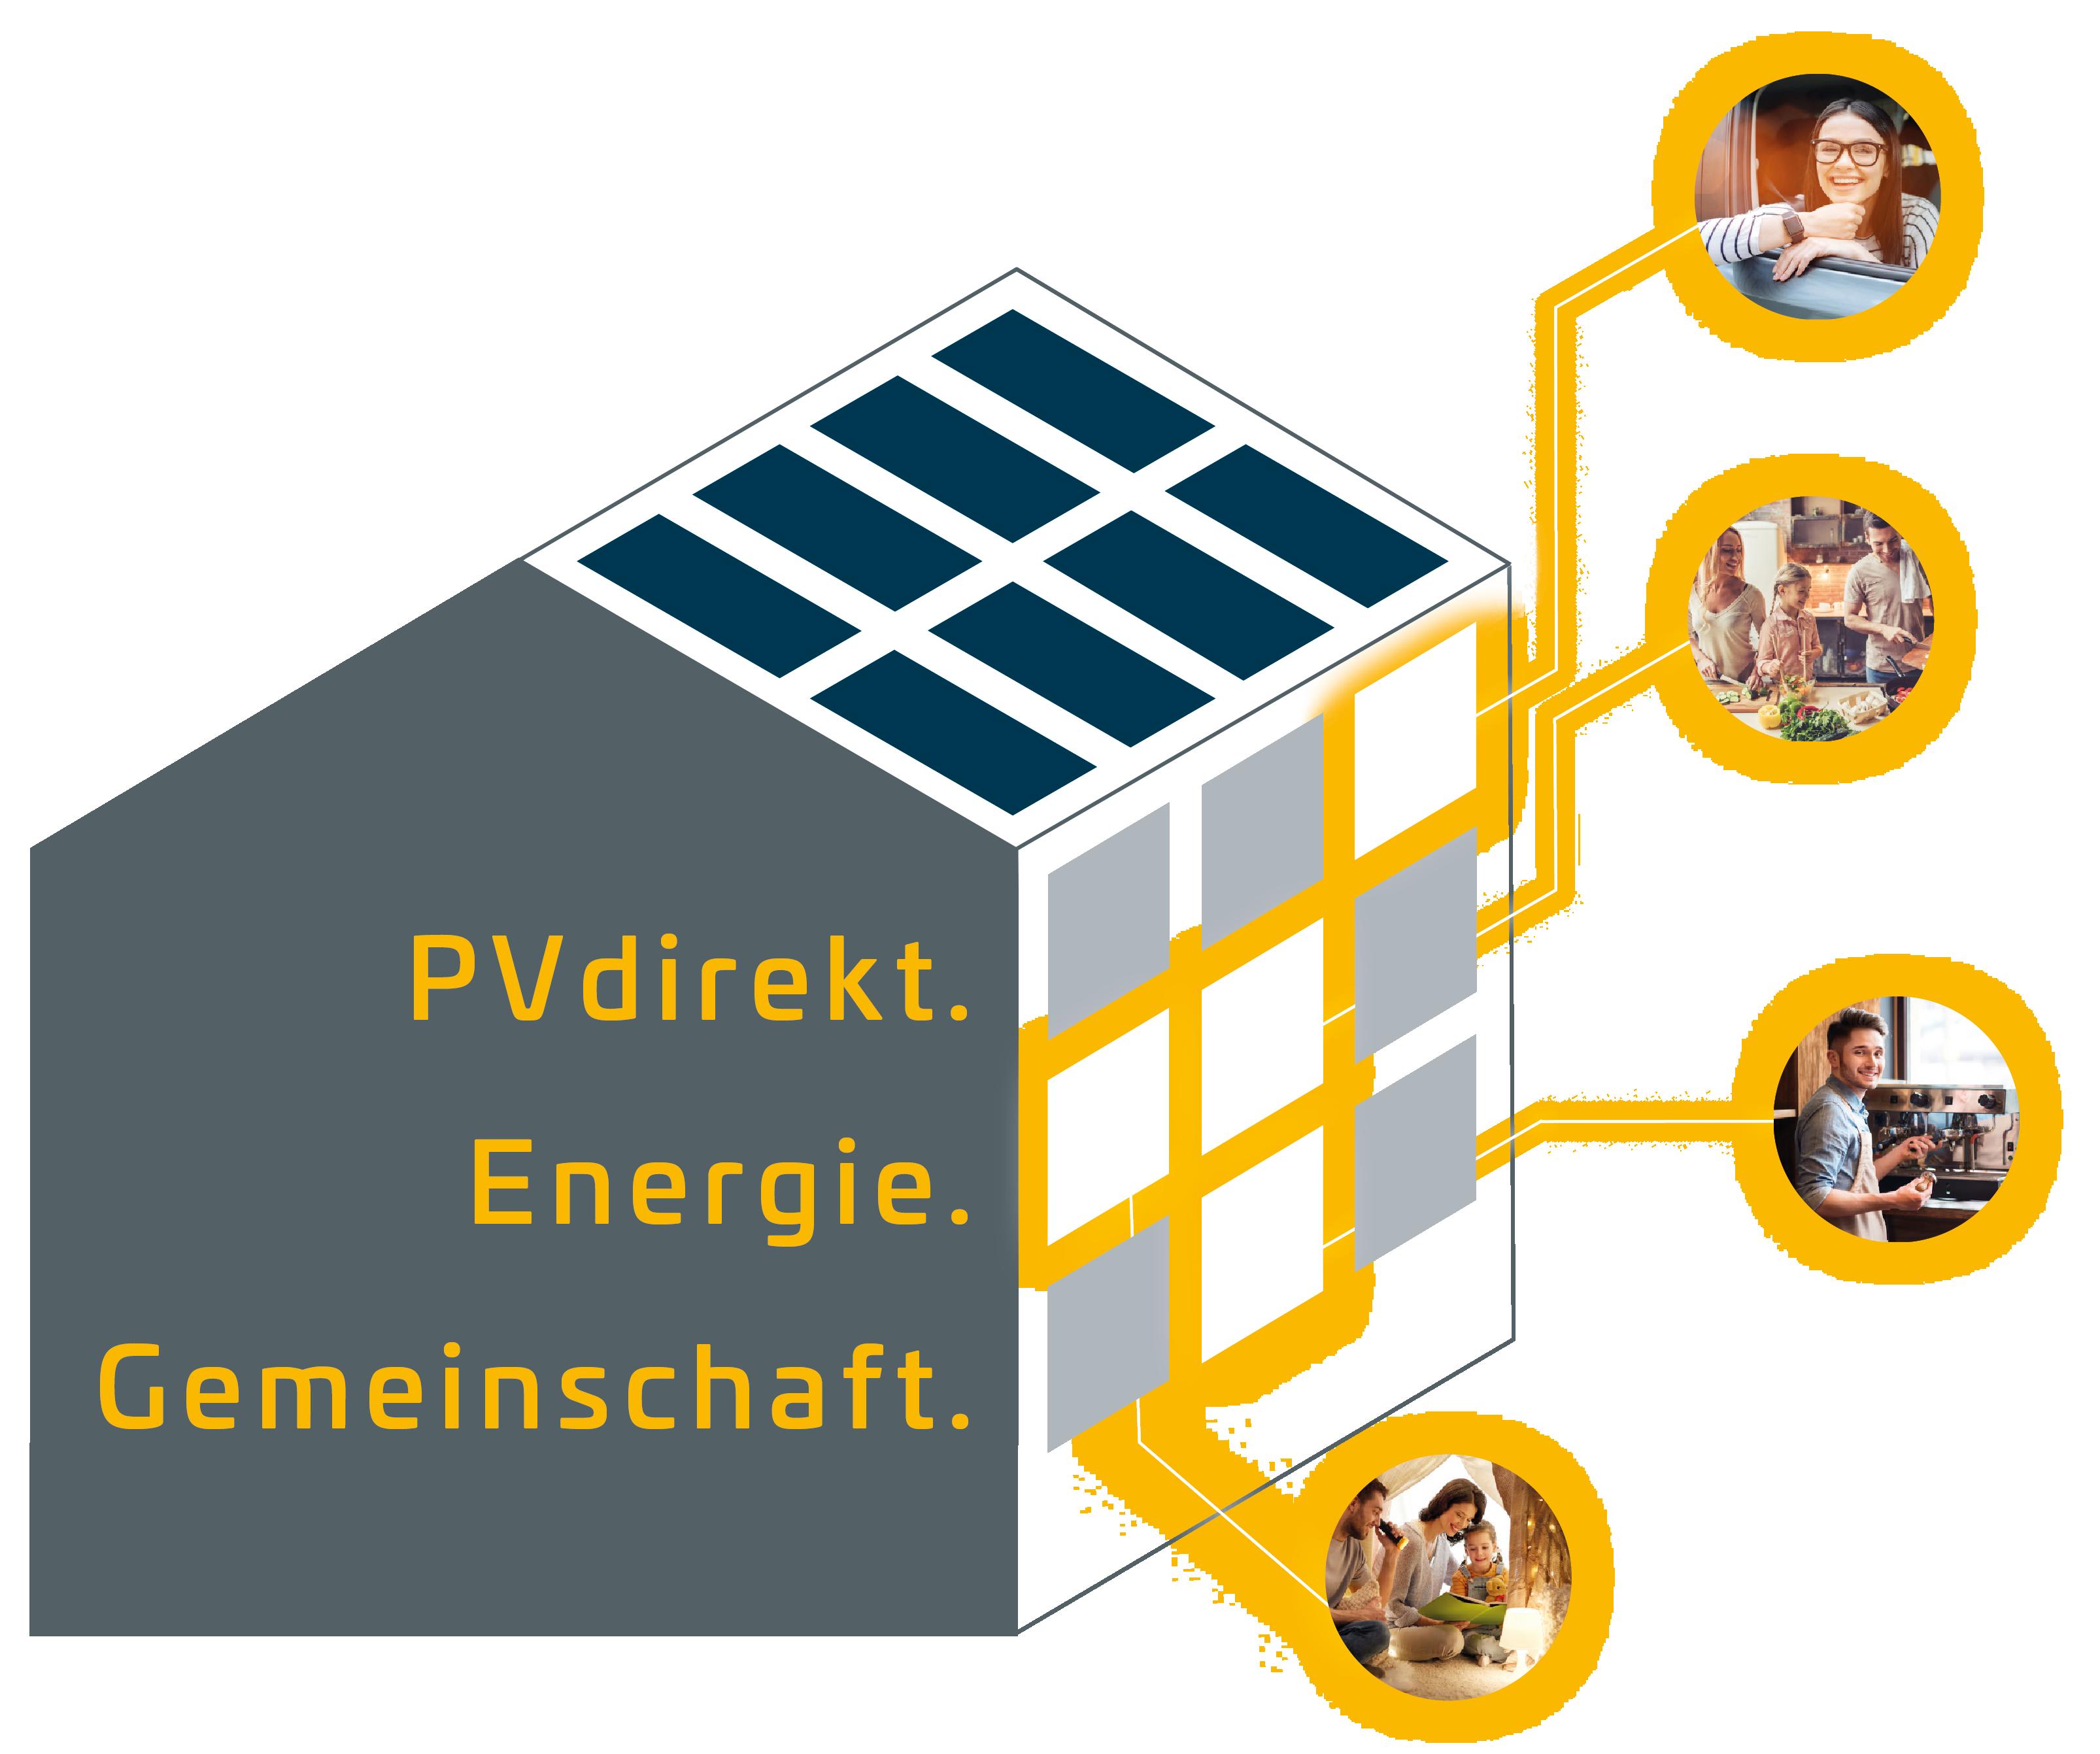 PVdirekt Energiegemeinschaft